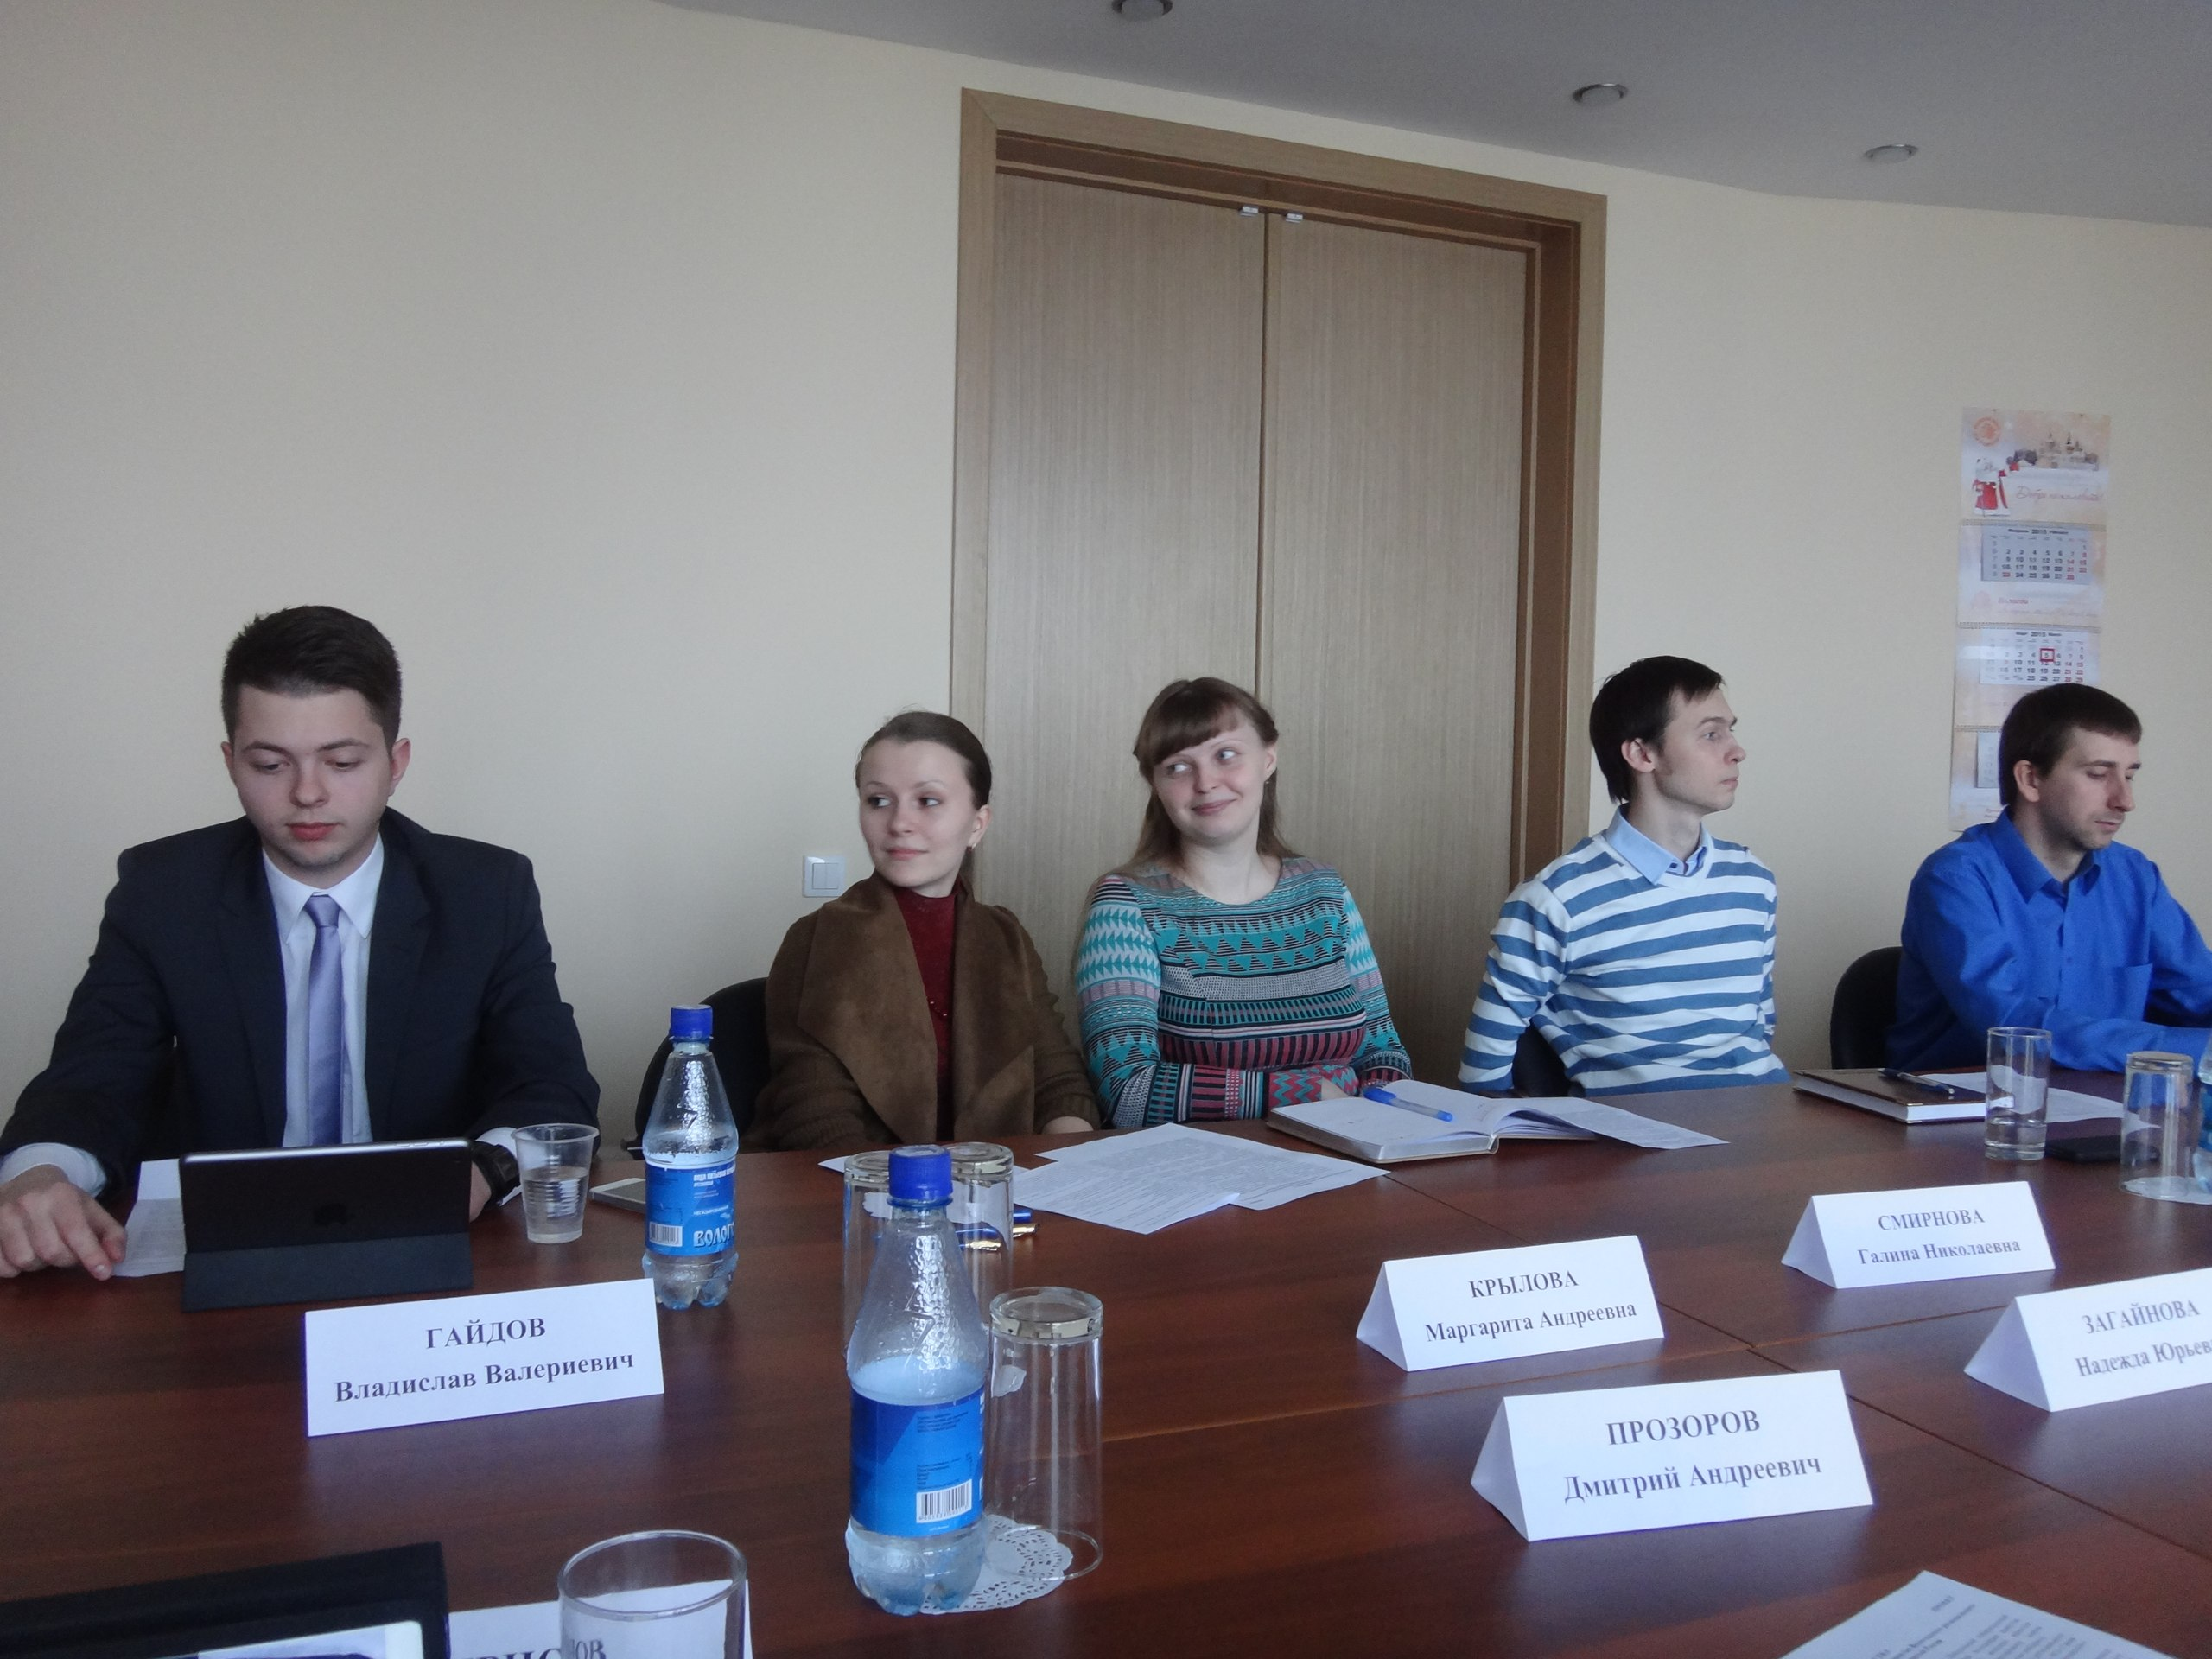 Член правления ассоциации юристов россии дмитрий прозоров